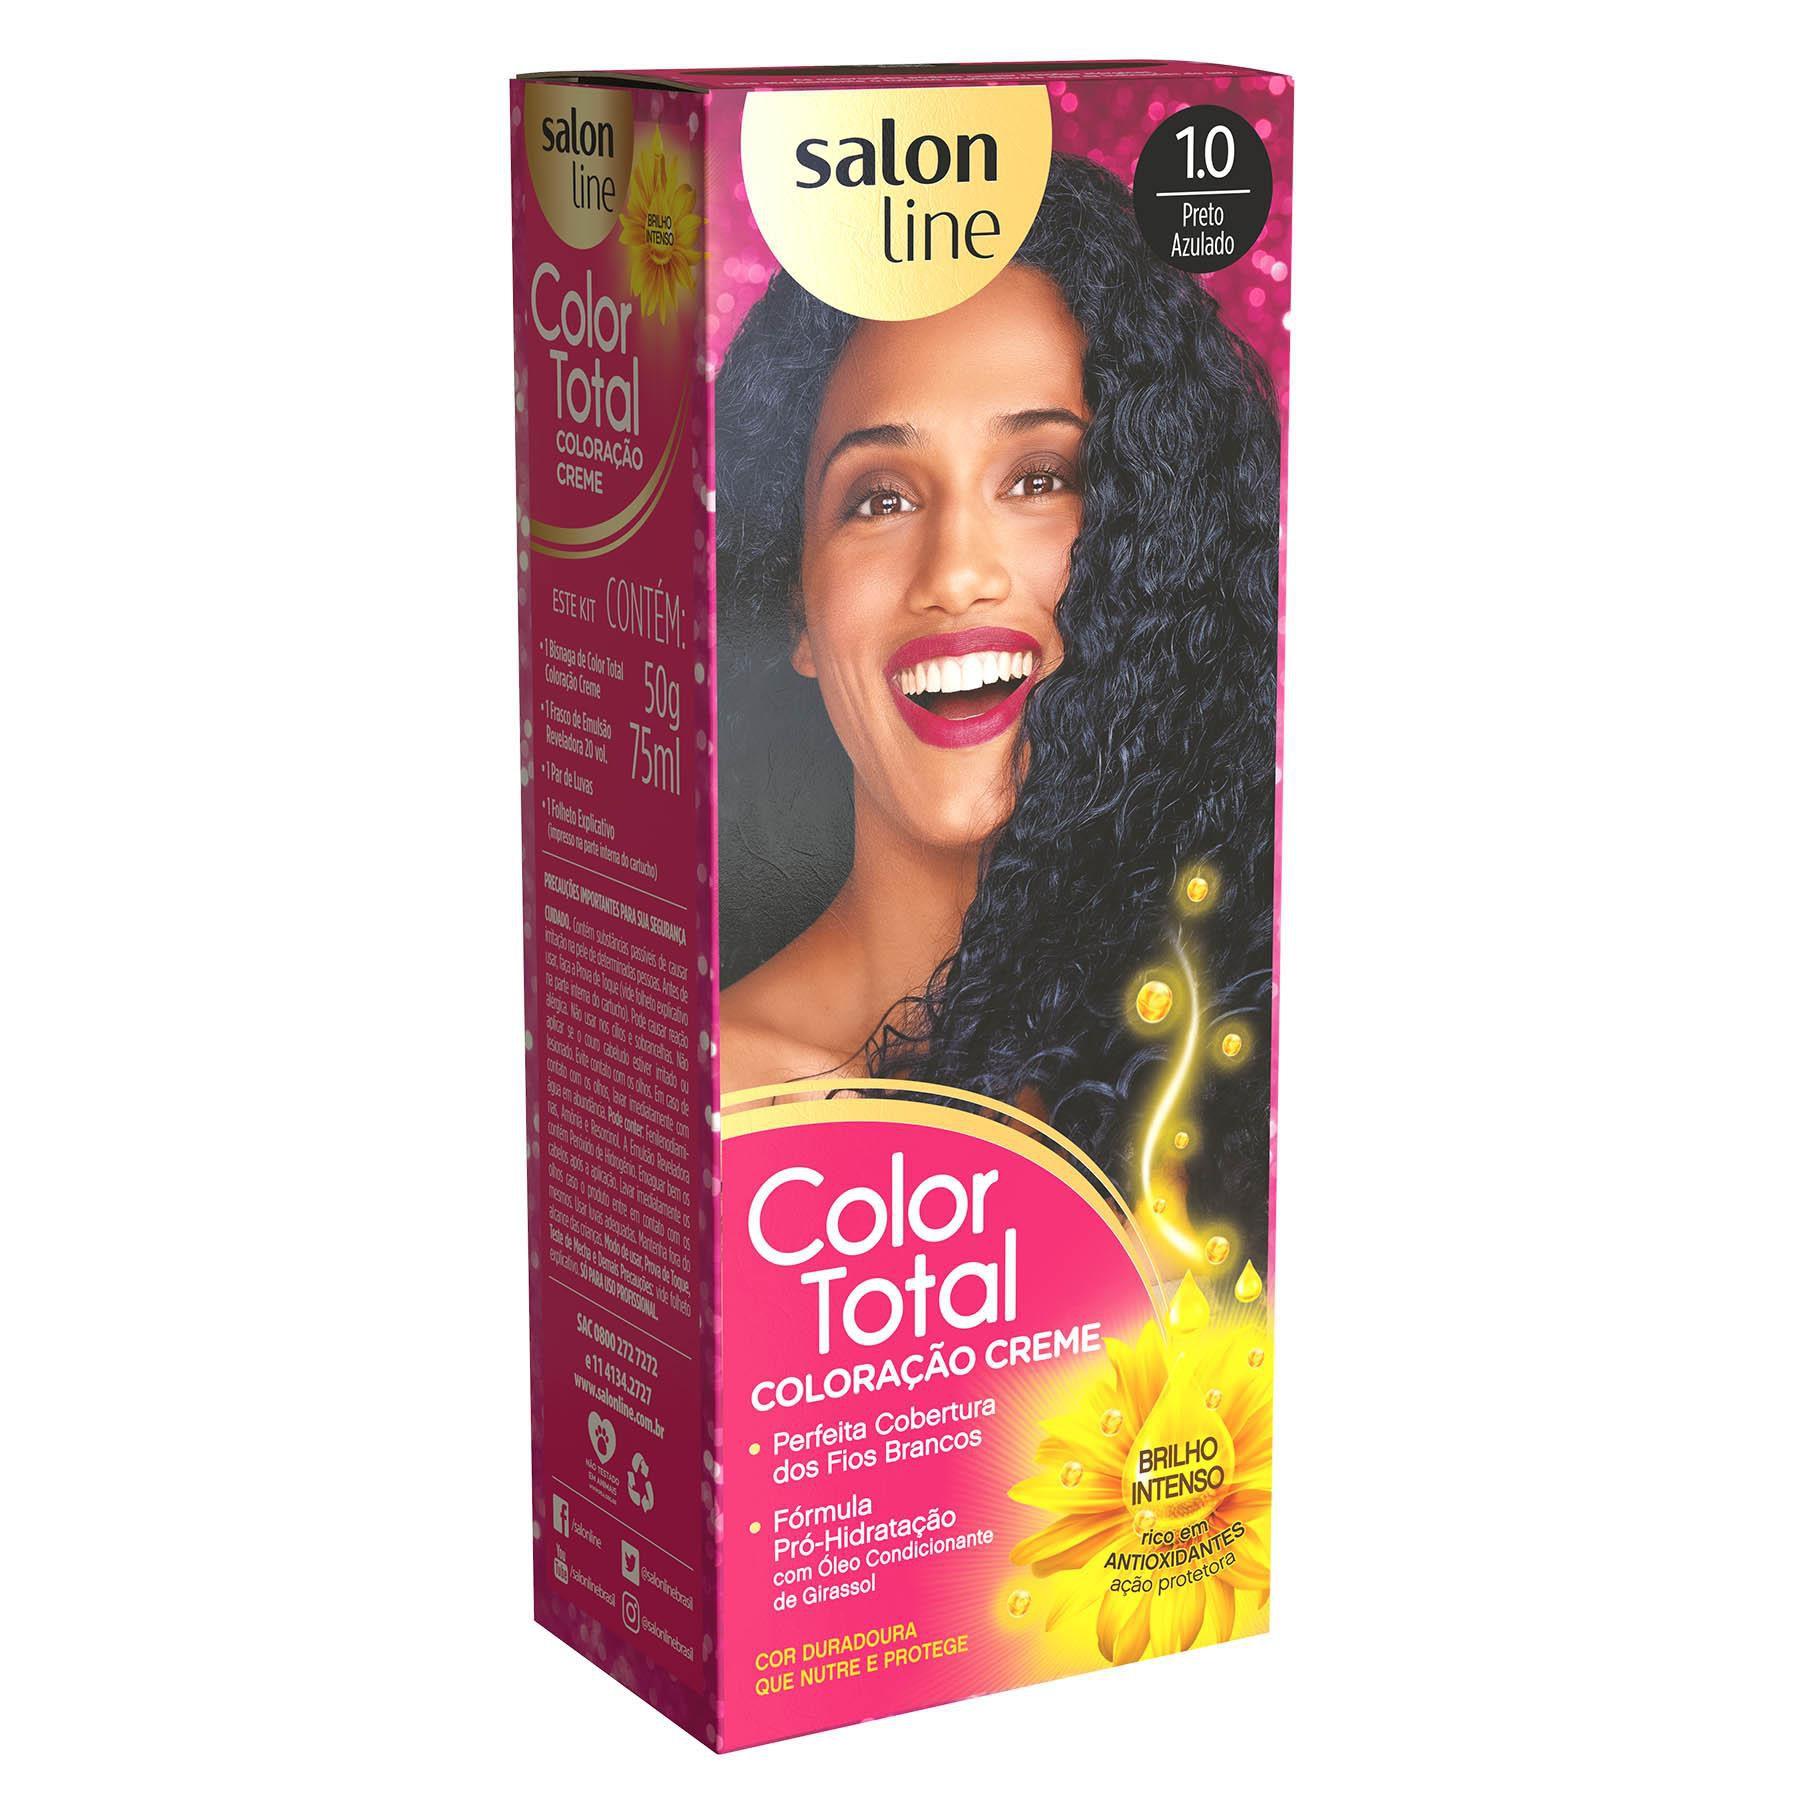 Salon Line Coloração Color Total 1.0 Preto Azulado